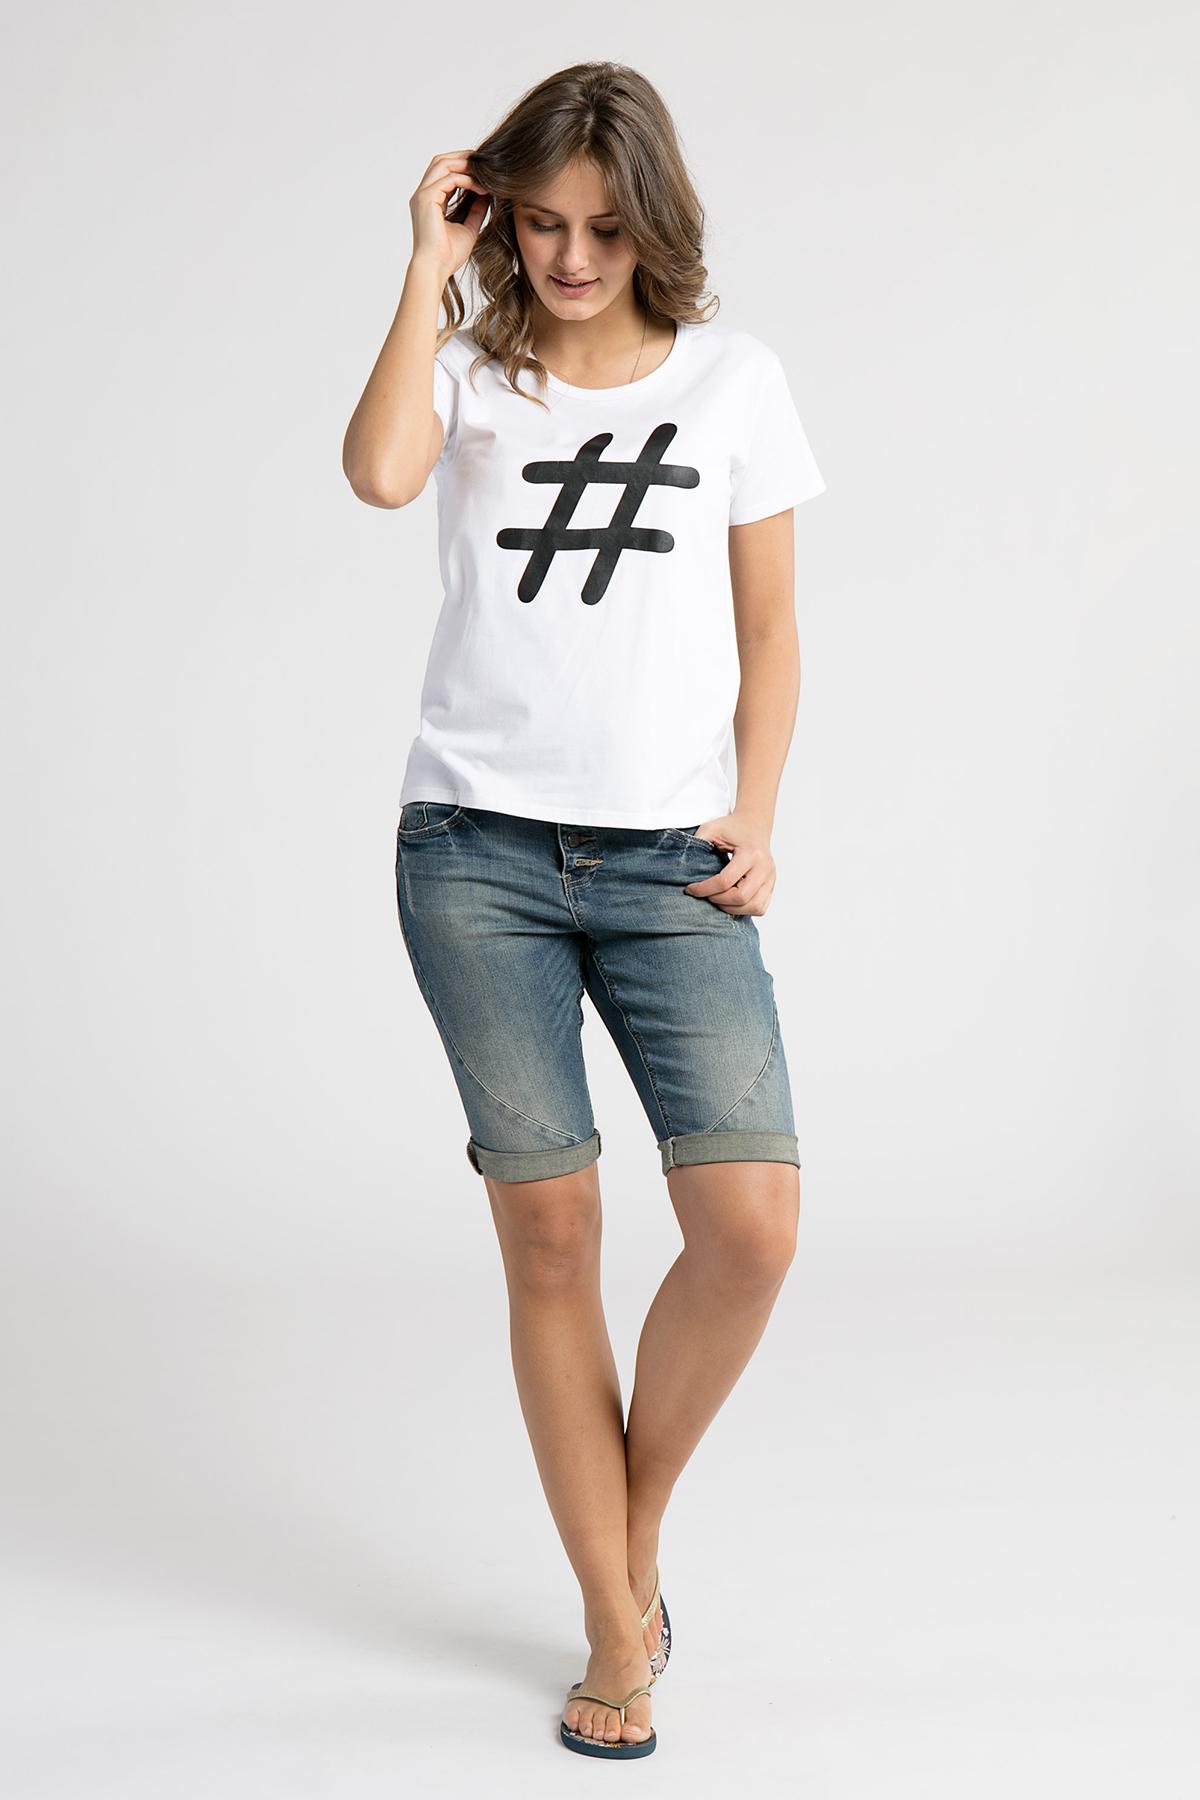 Hvid/sort Kortærmet T-shirt fra Dranella – Køb Hvid/sort Kortærmet T-shirt fra str. XS-XXL her